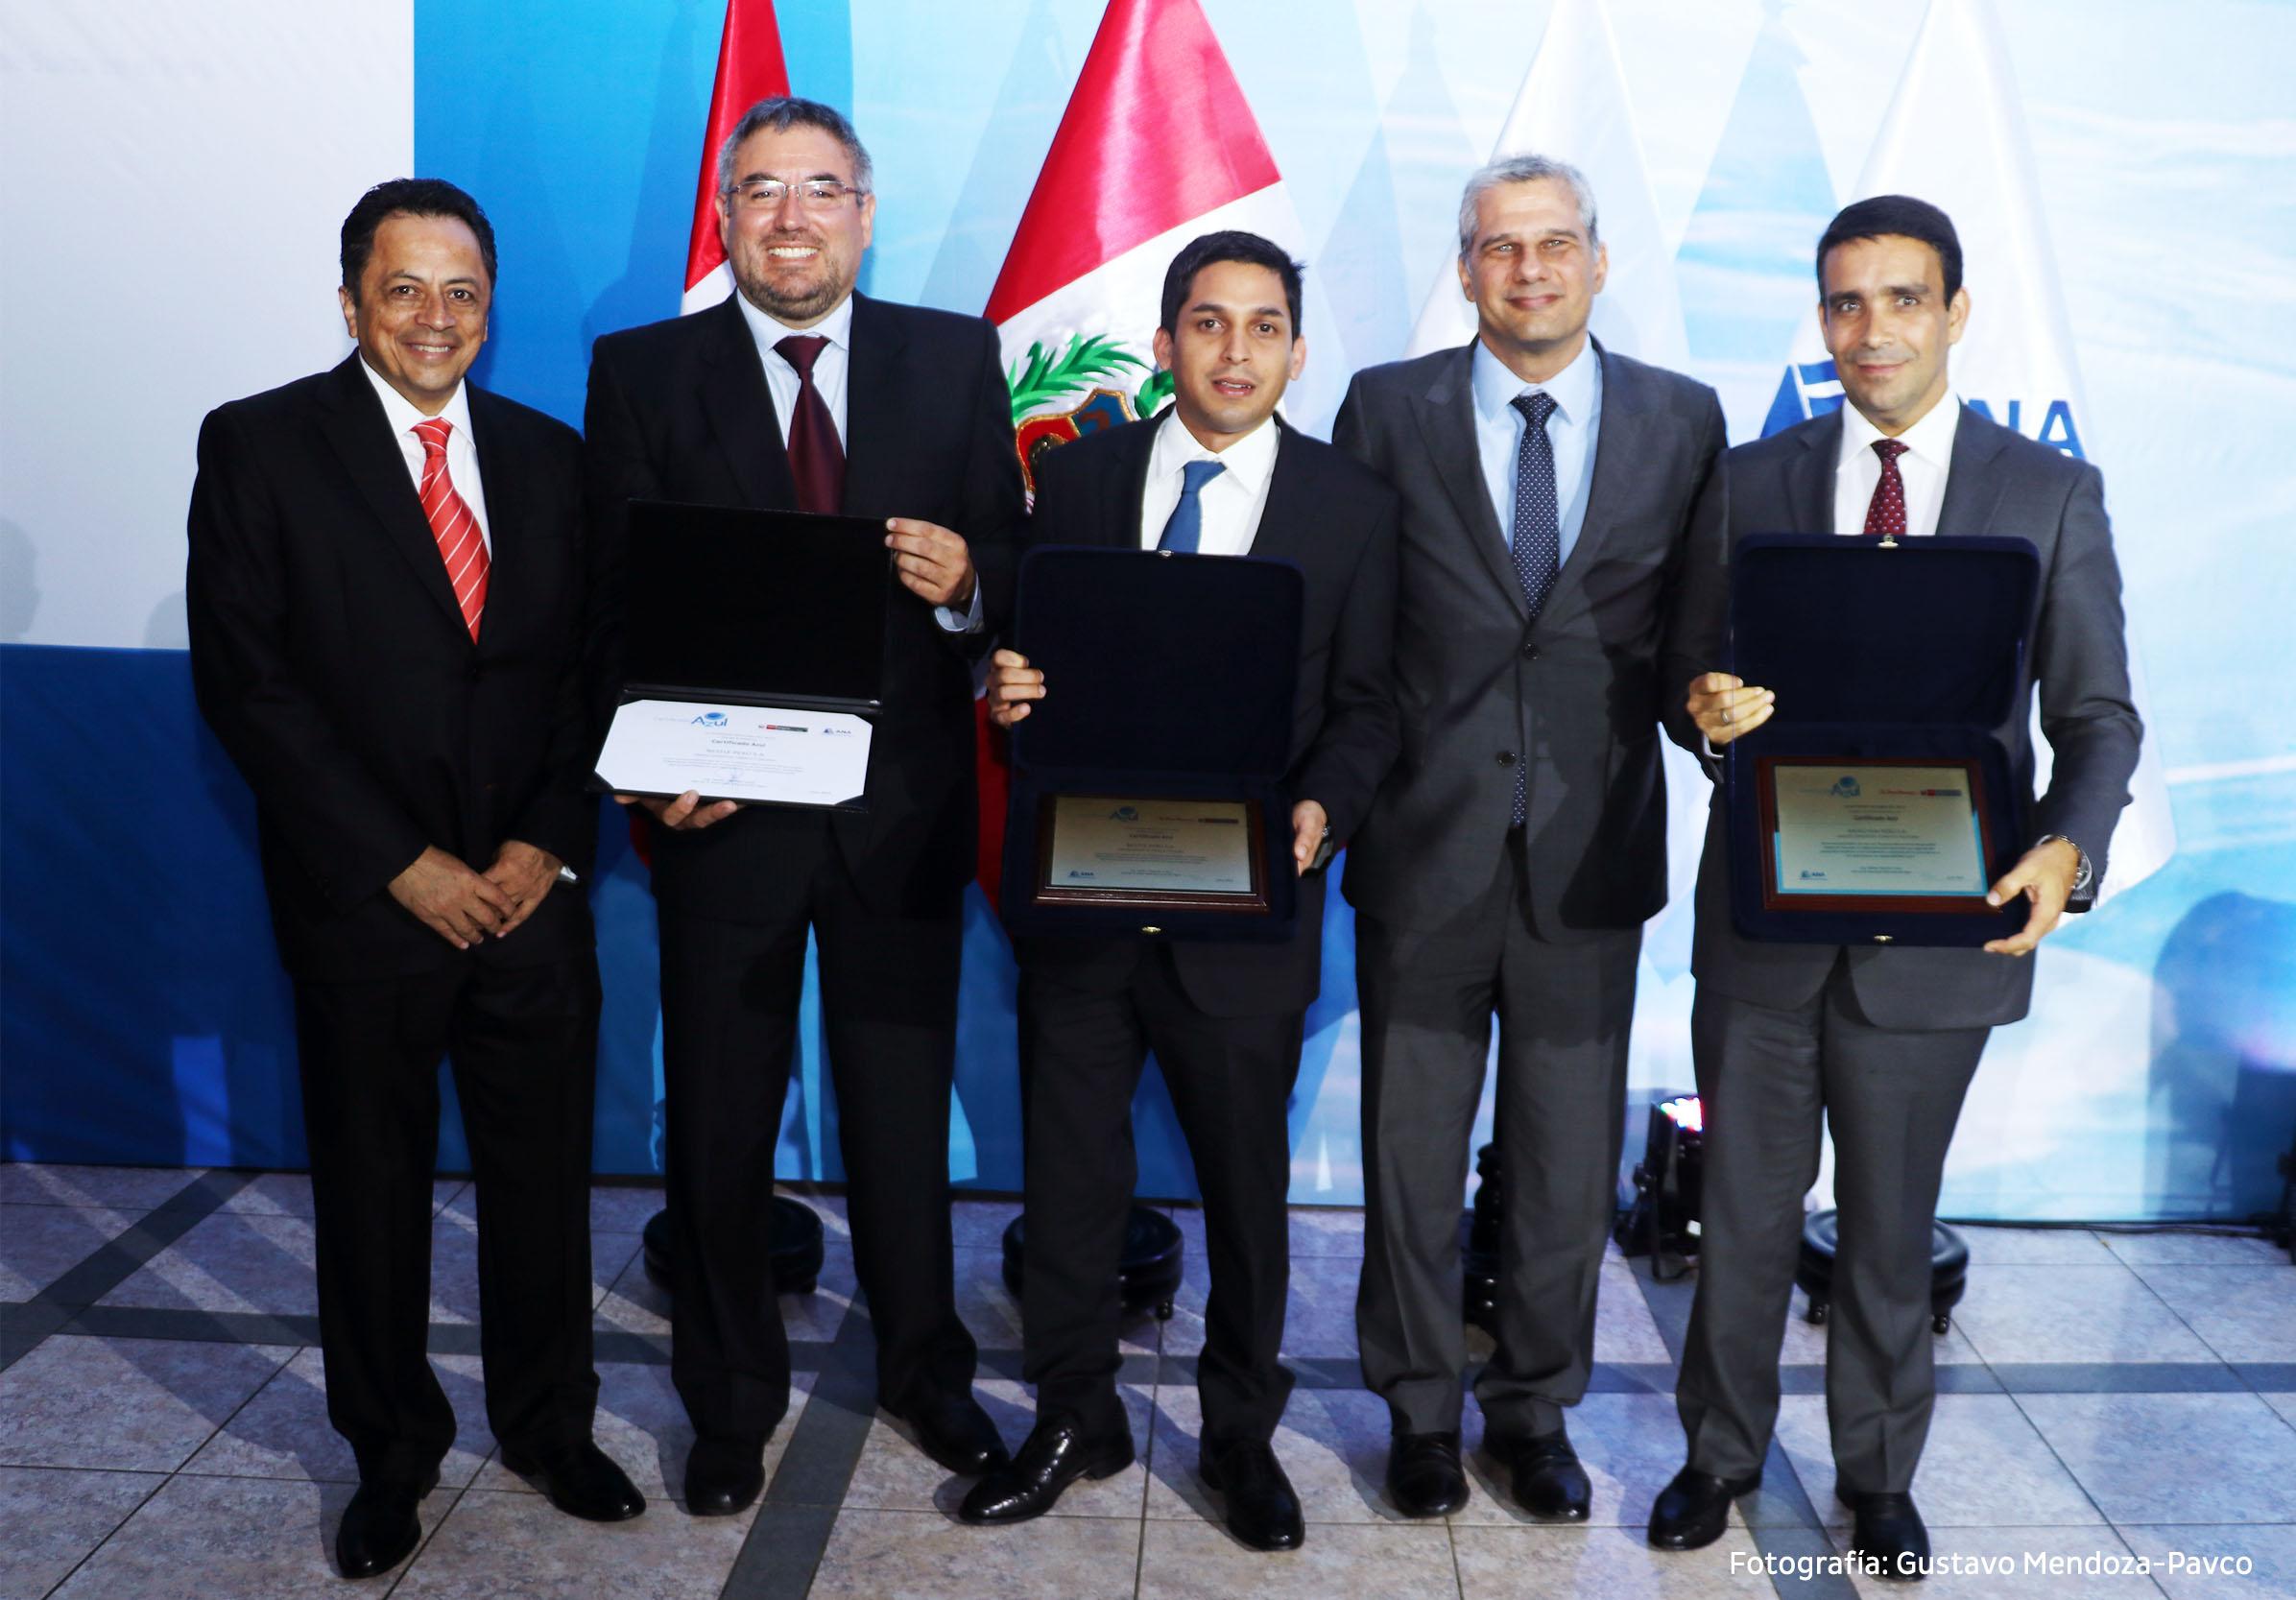 Mexichem y Nestlé, socios de AQUAFONDO reciben el Certificado Azul